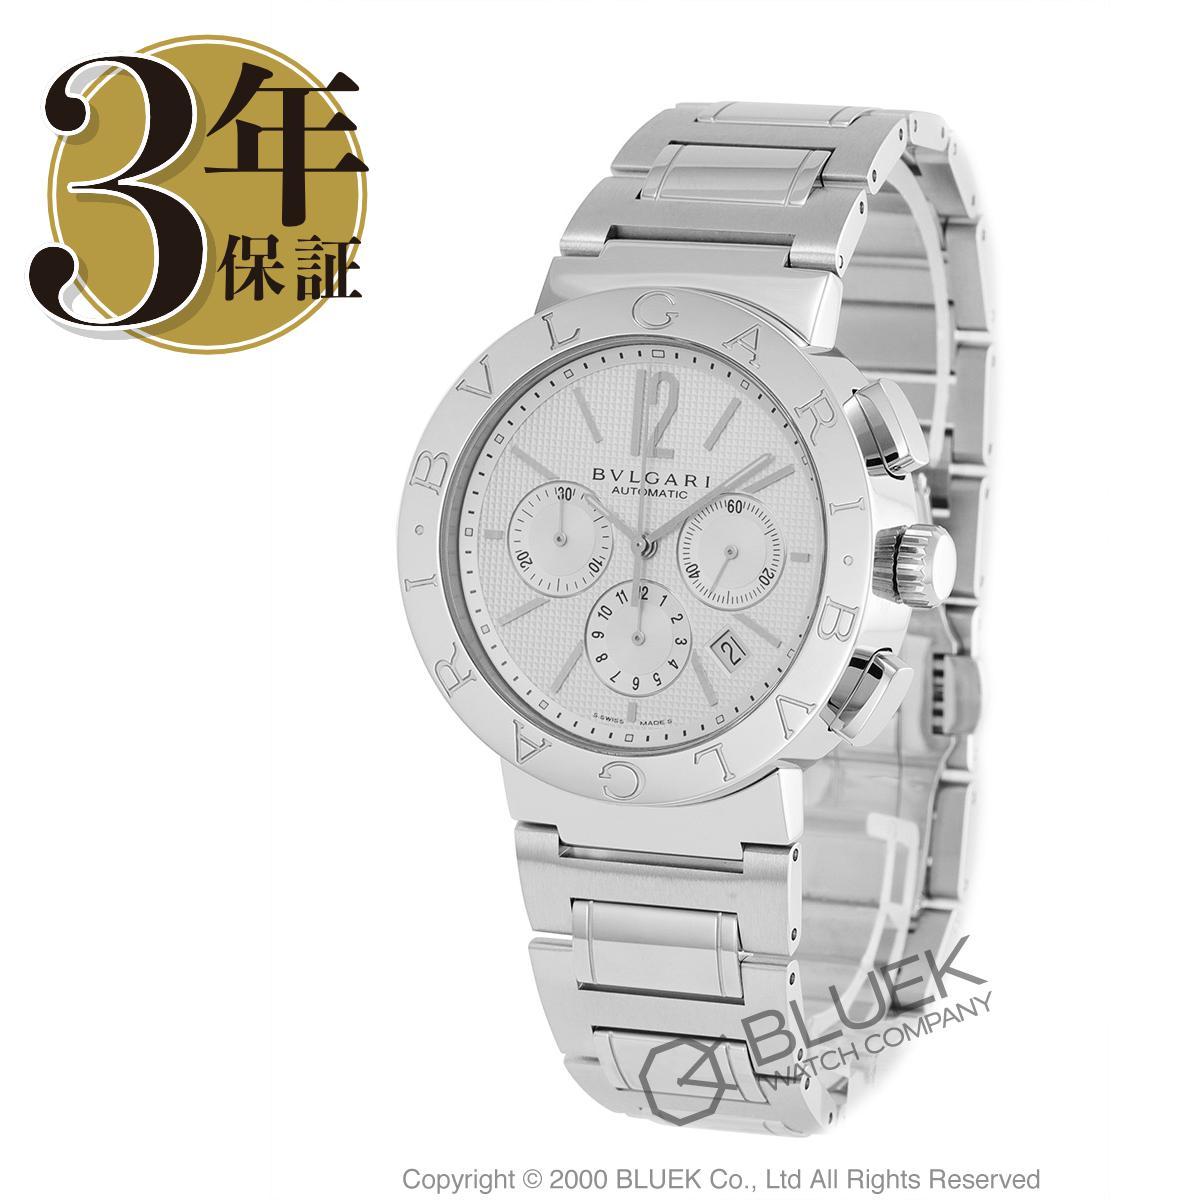 ブルガリ ブルガリブルガリ クロノグラフ 腕時計 メンズ BVLGARI BB42WSSDCH/N AUTO_8